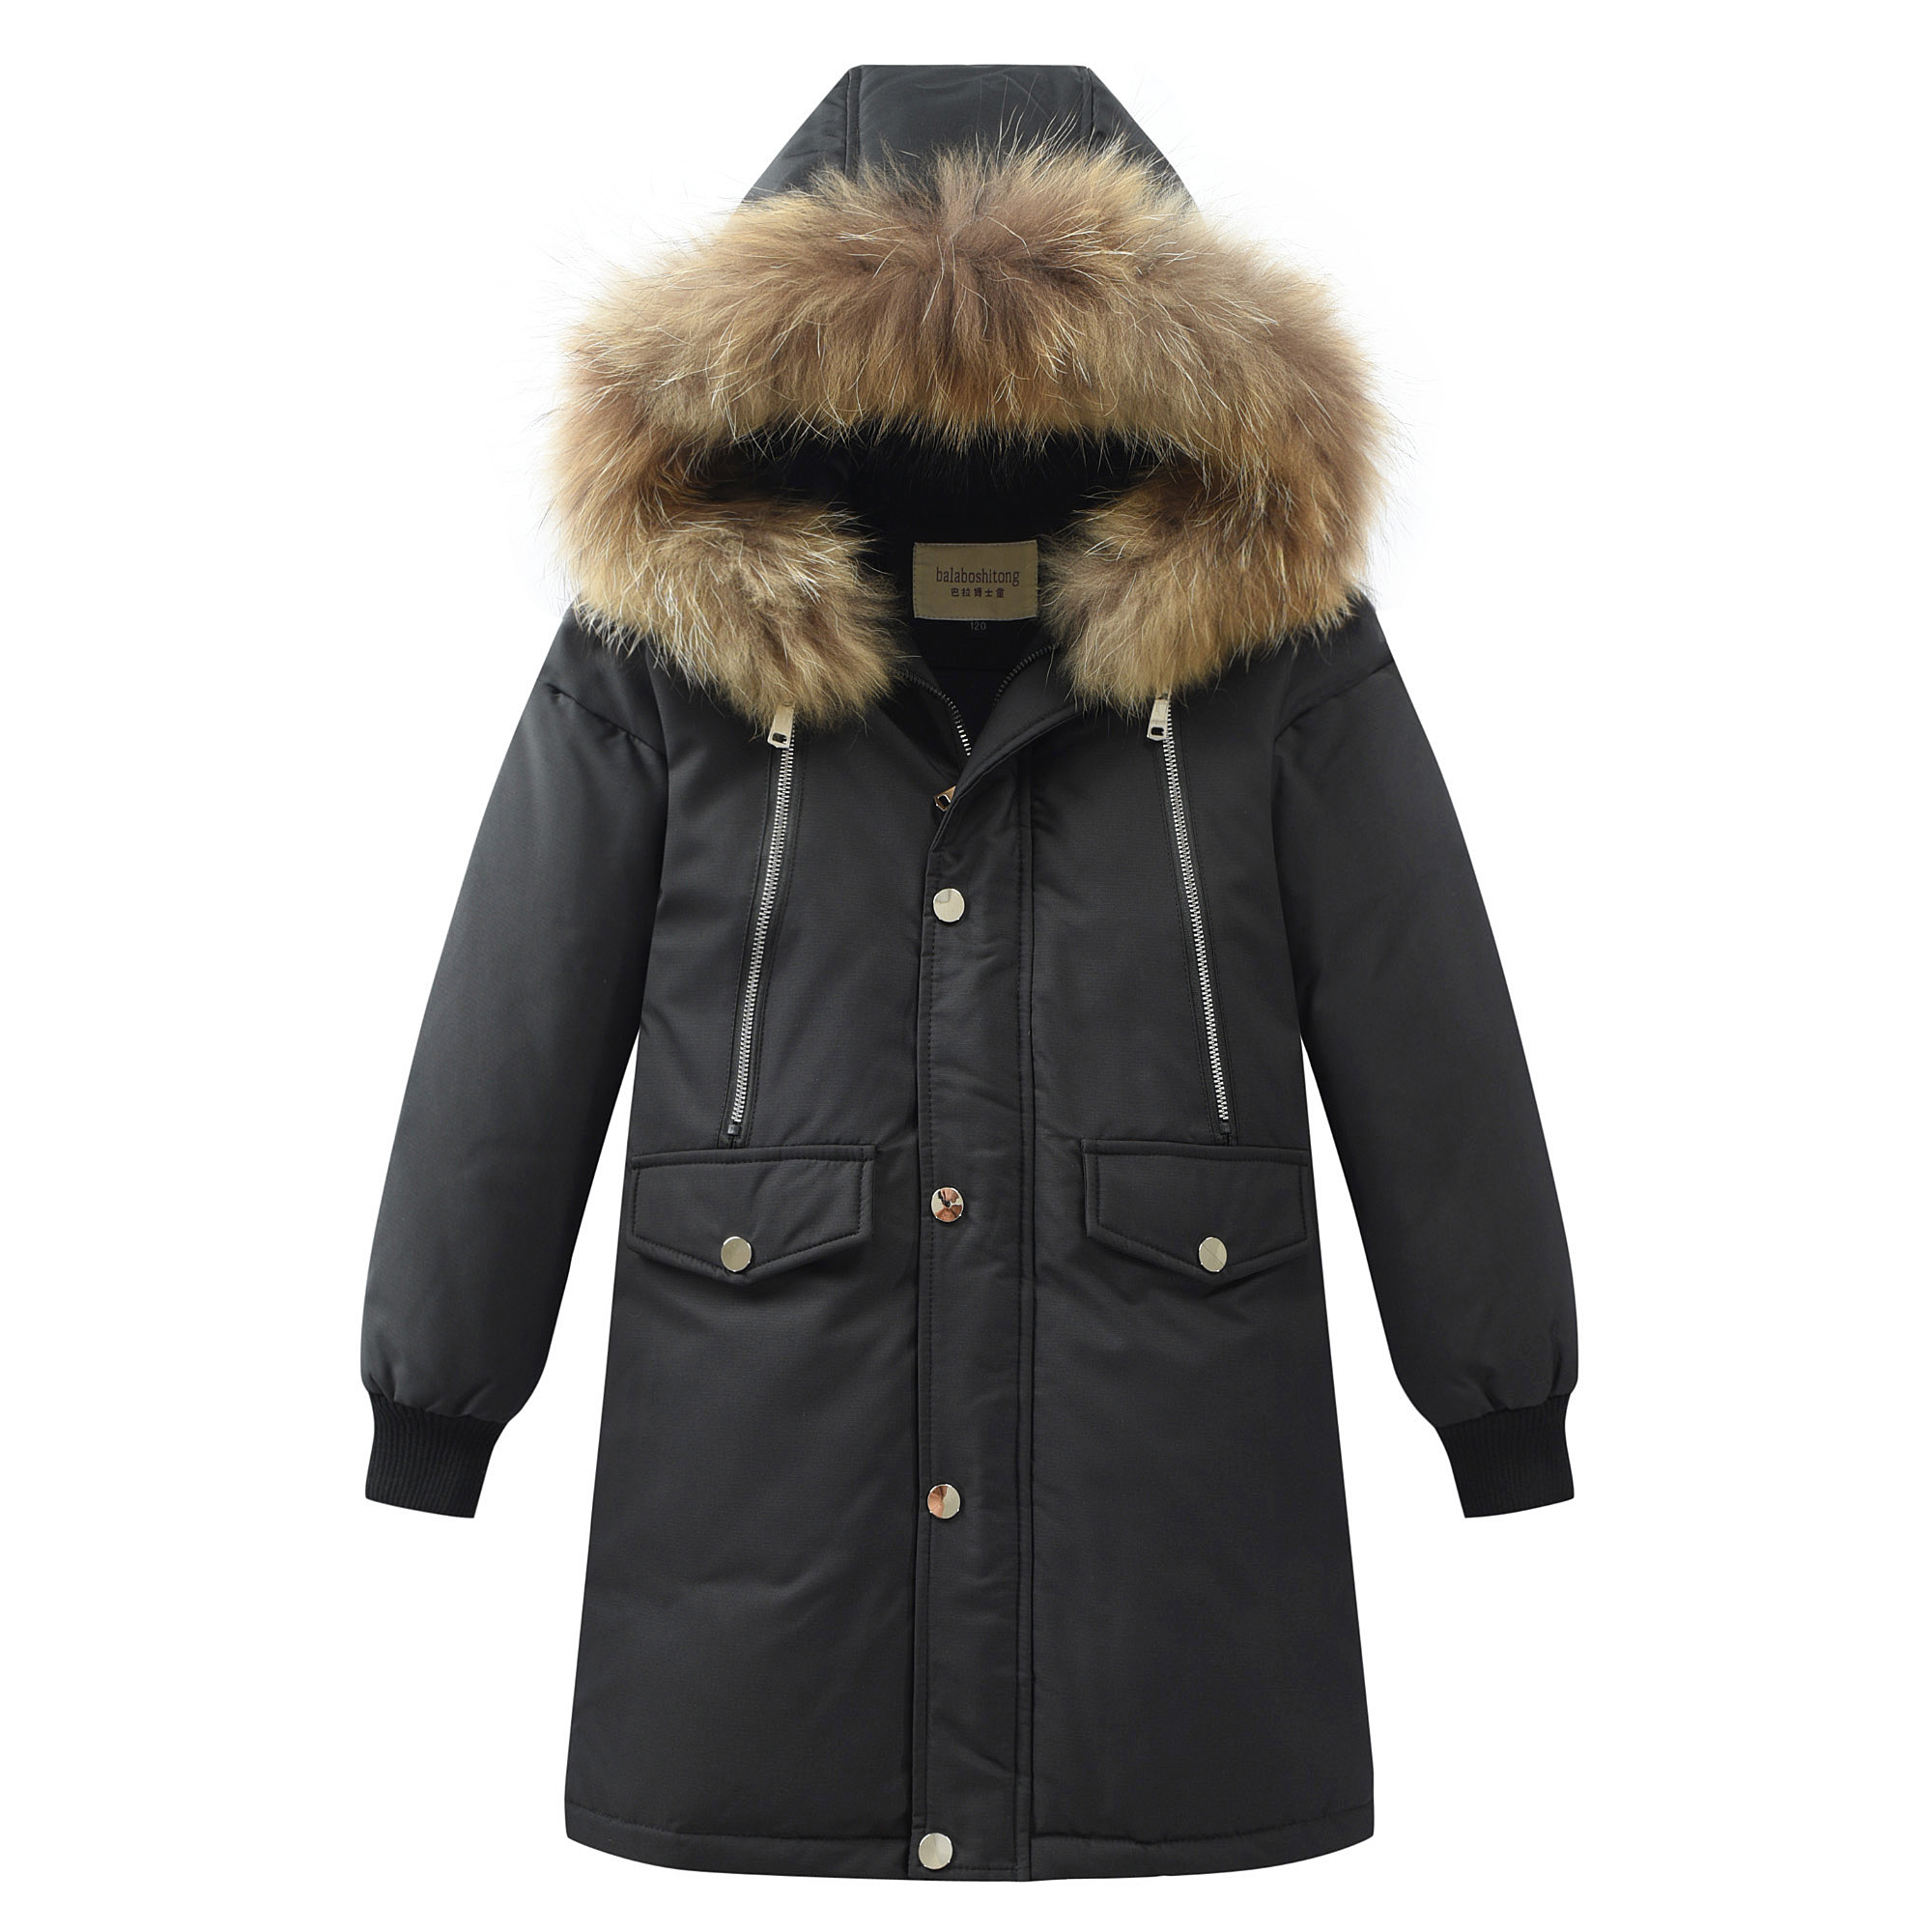 2019 nouveaux enfants veste d'hiver 90% duvet de canard épaissir chaud vêtements d'extérieur pour enfant manteau pour les garçons adolescents 5-16 Y Parkas-30 degrés russie